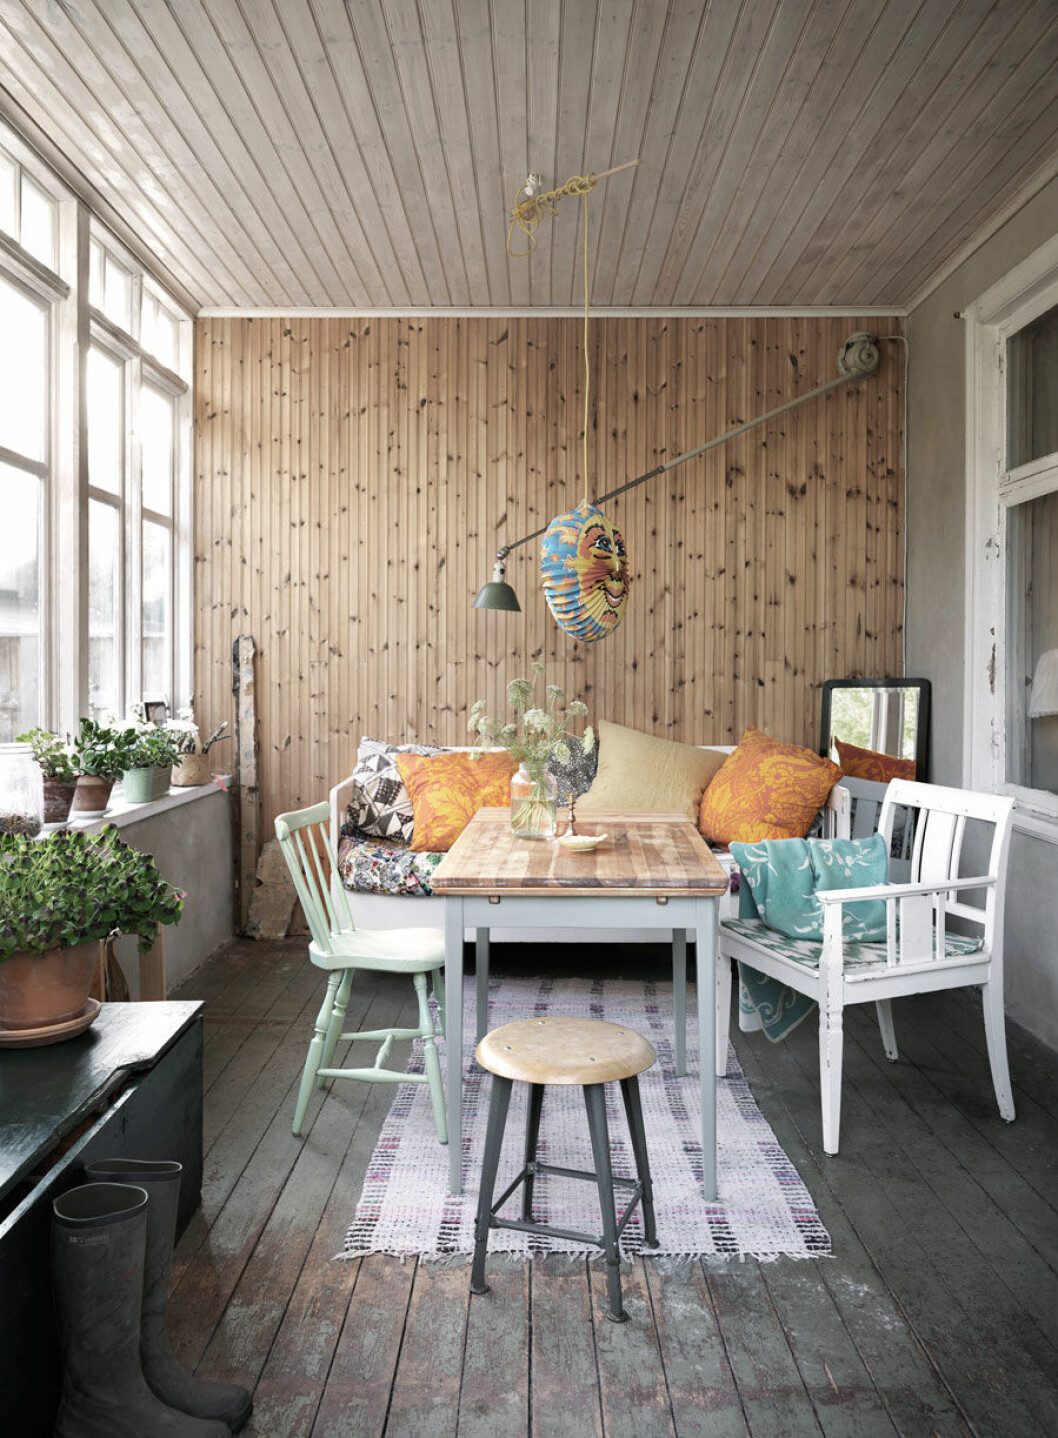 Matplats med trävägg, stolar och färgglada textilier